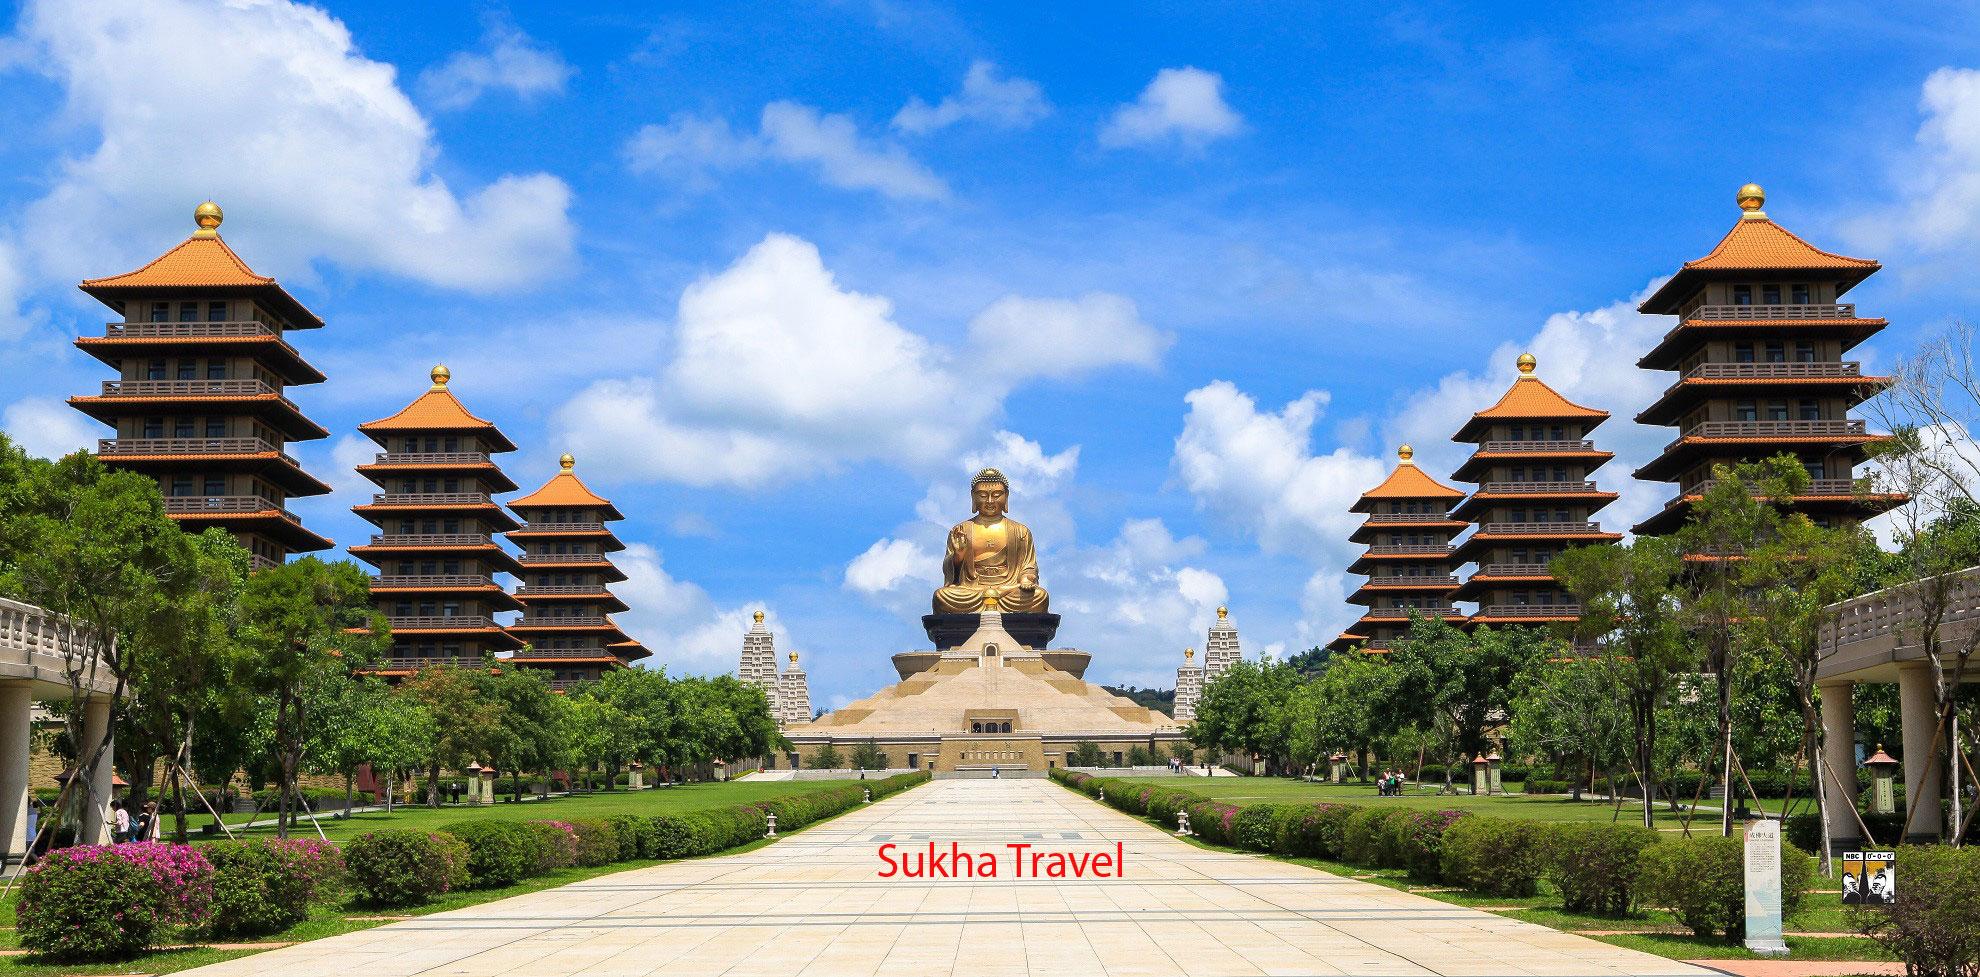 chua-phat-quang-son-dai-loan-sukha-travel (2)